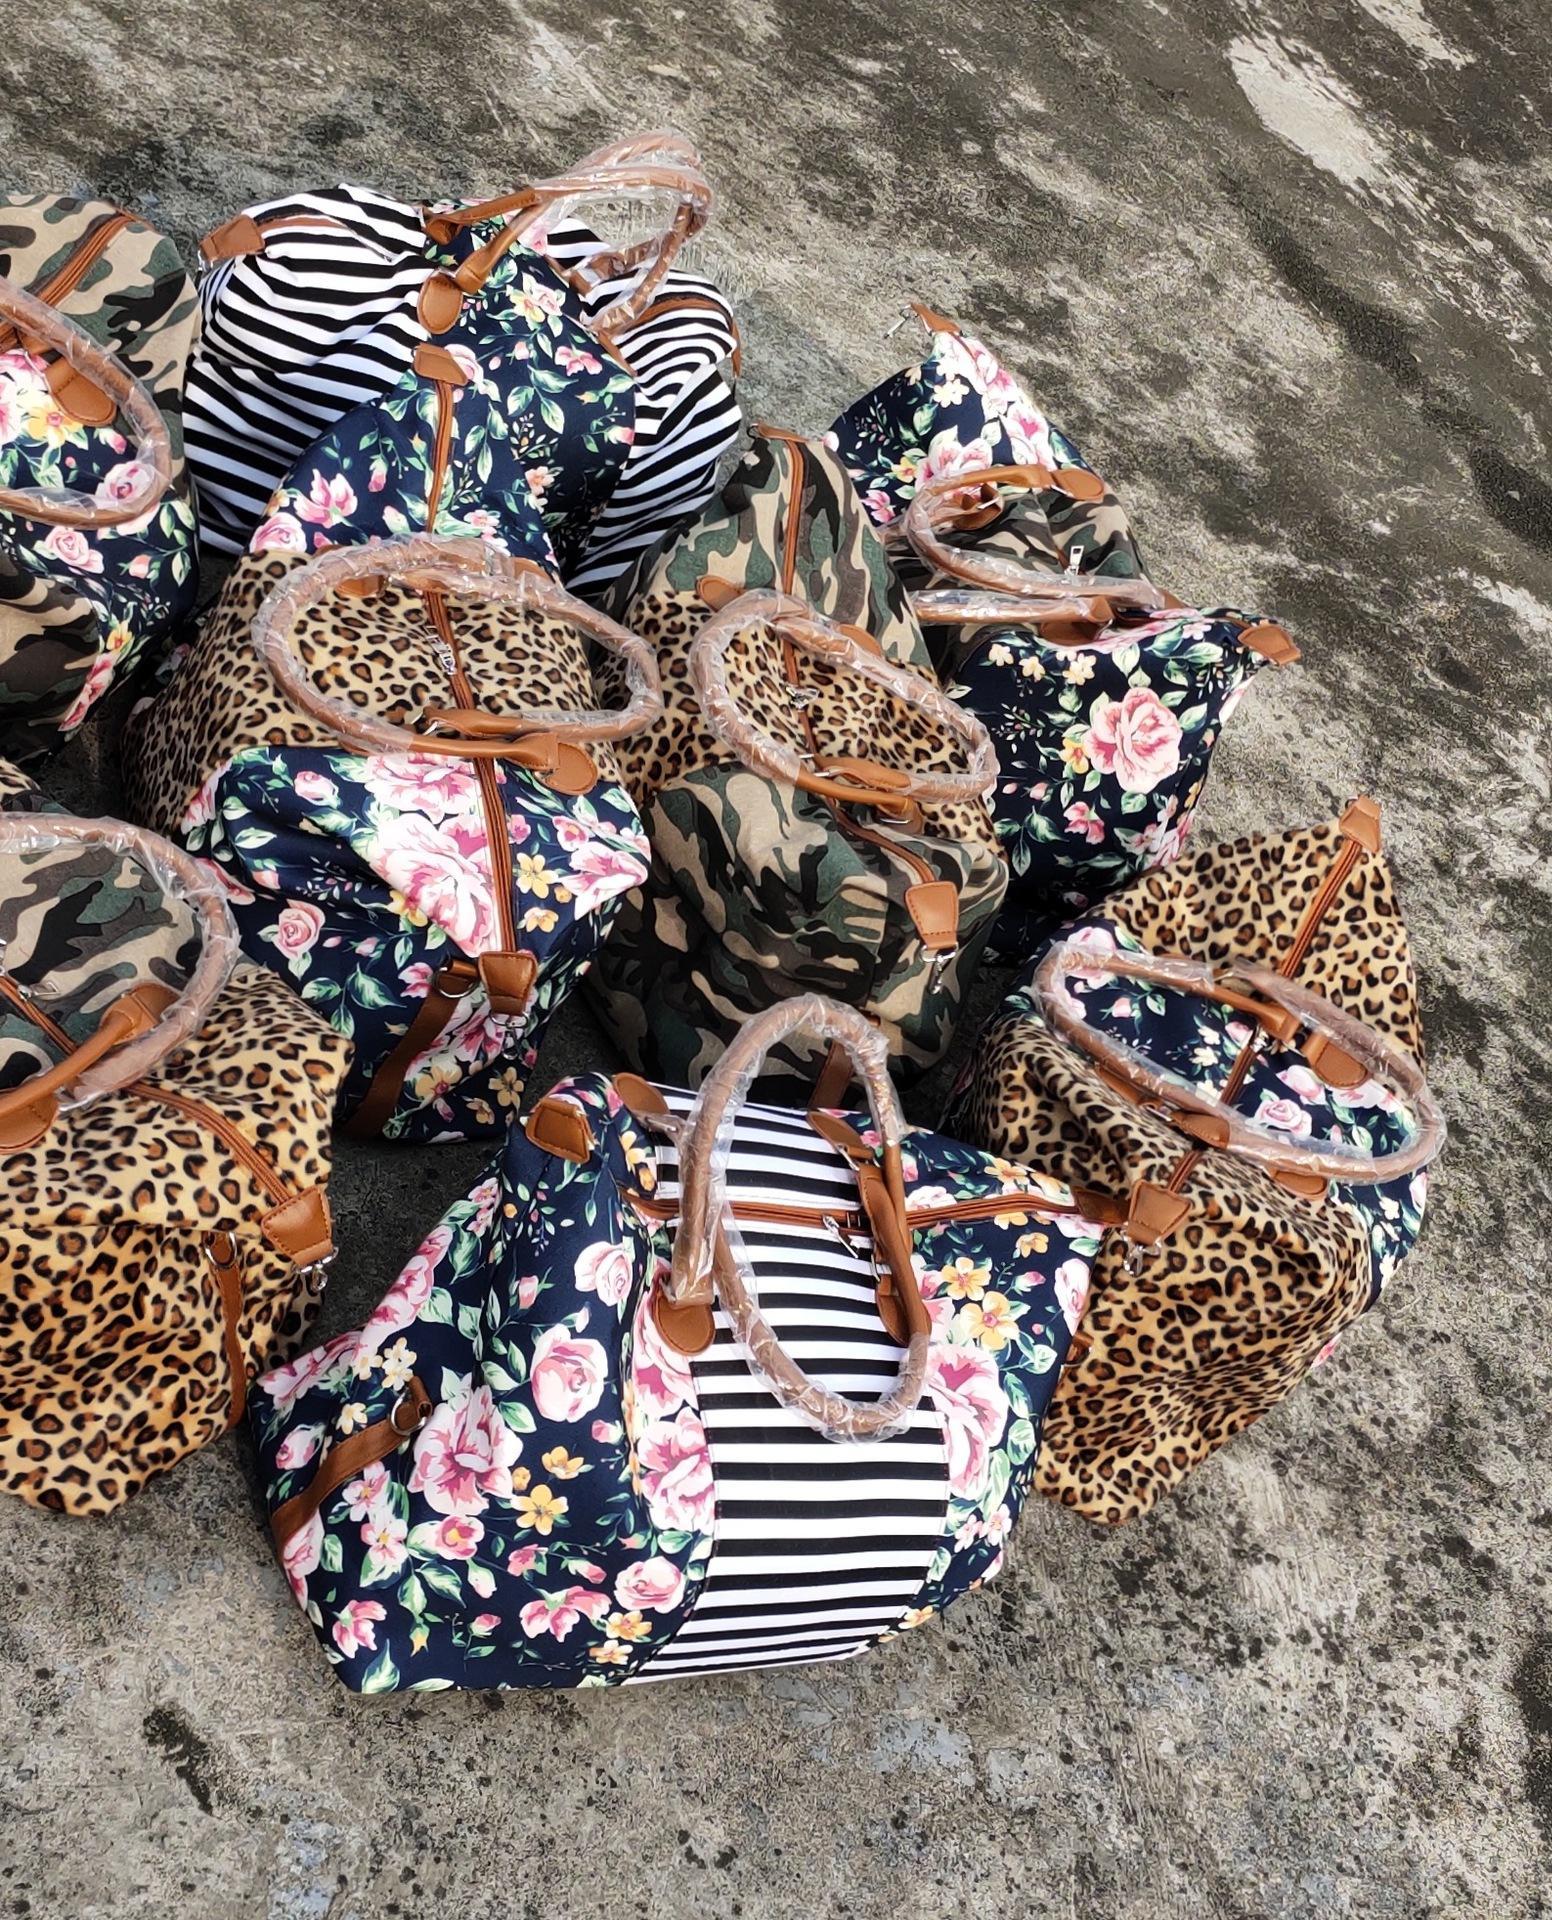 Camo avec des femmes florales Weekender sac à main léopard sac fourre-tout avec poignée en cuir floral grand léopard cause à effet serape sac à bandoulière rayé